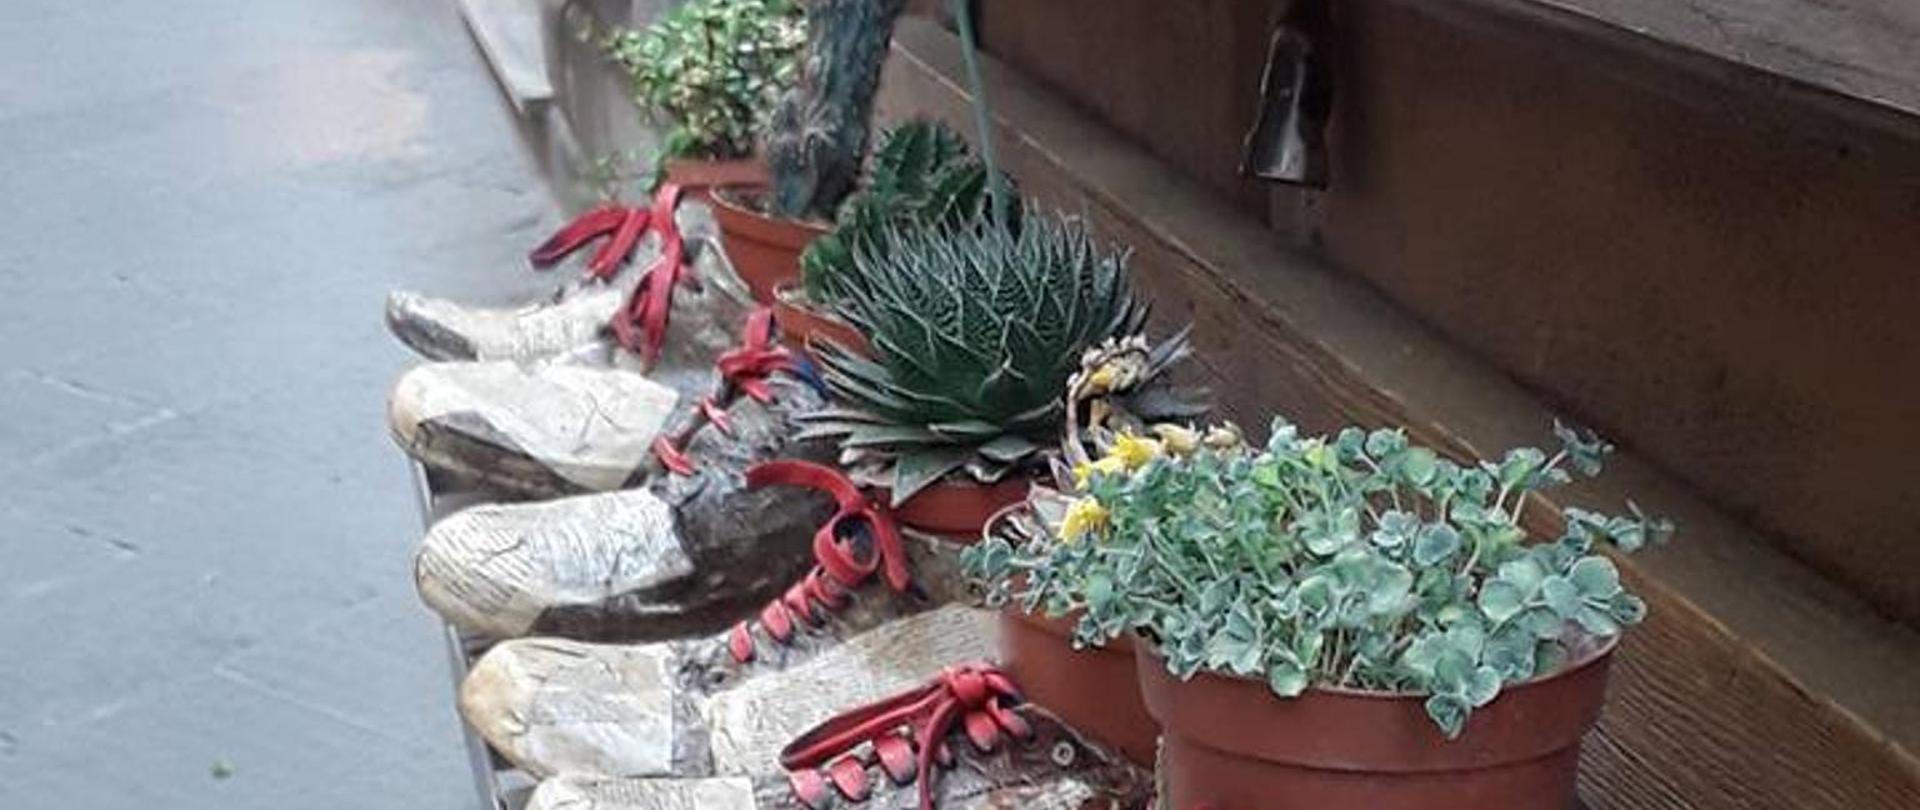 scarpe con piante.jpg